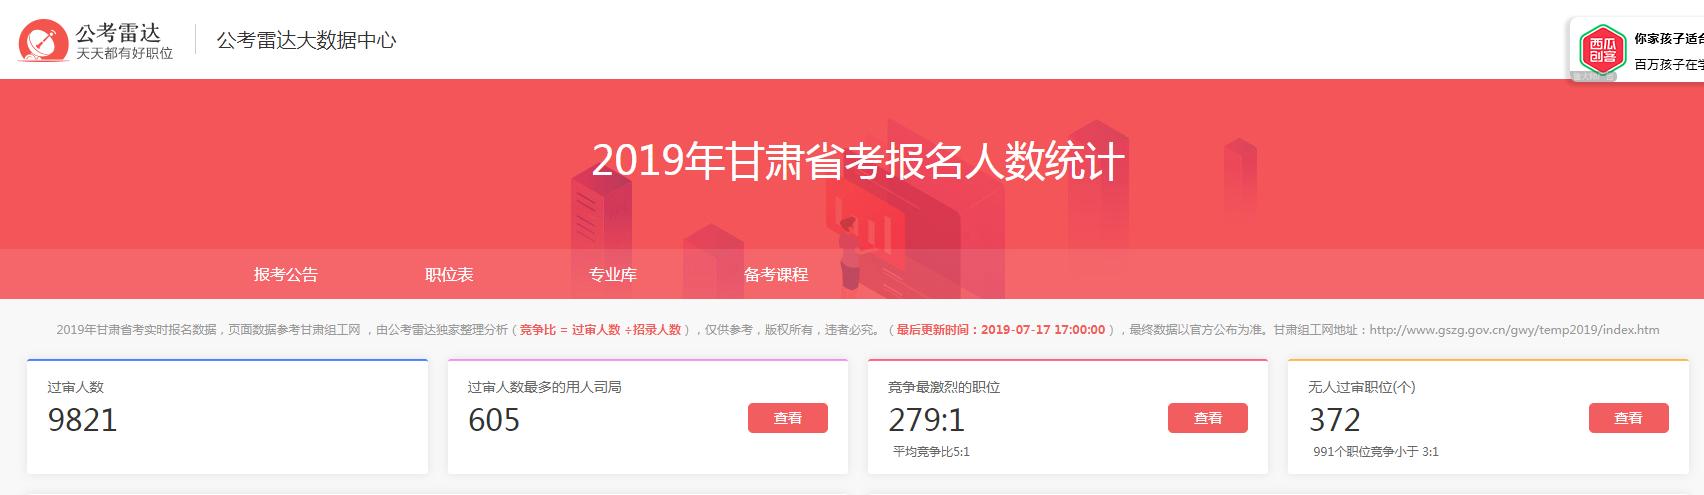 2019年甘肃公务员考试报名数据.png